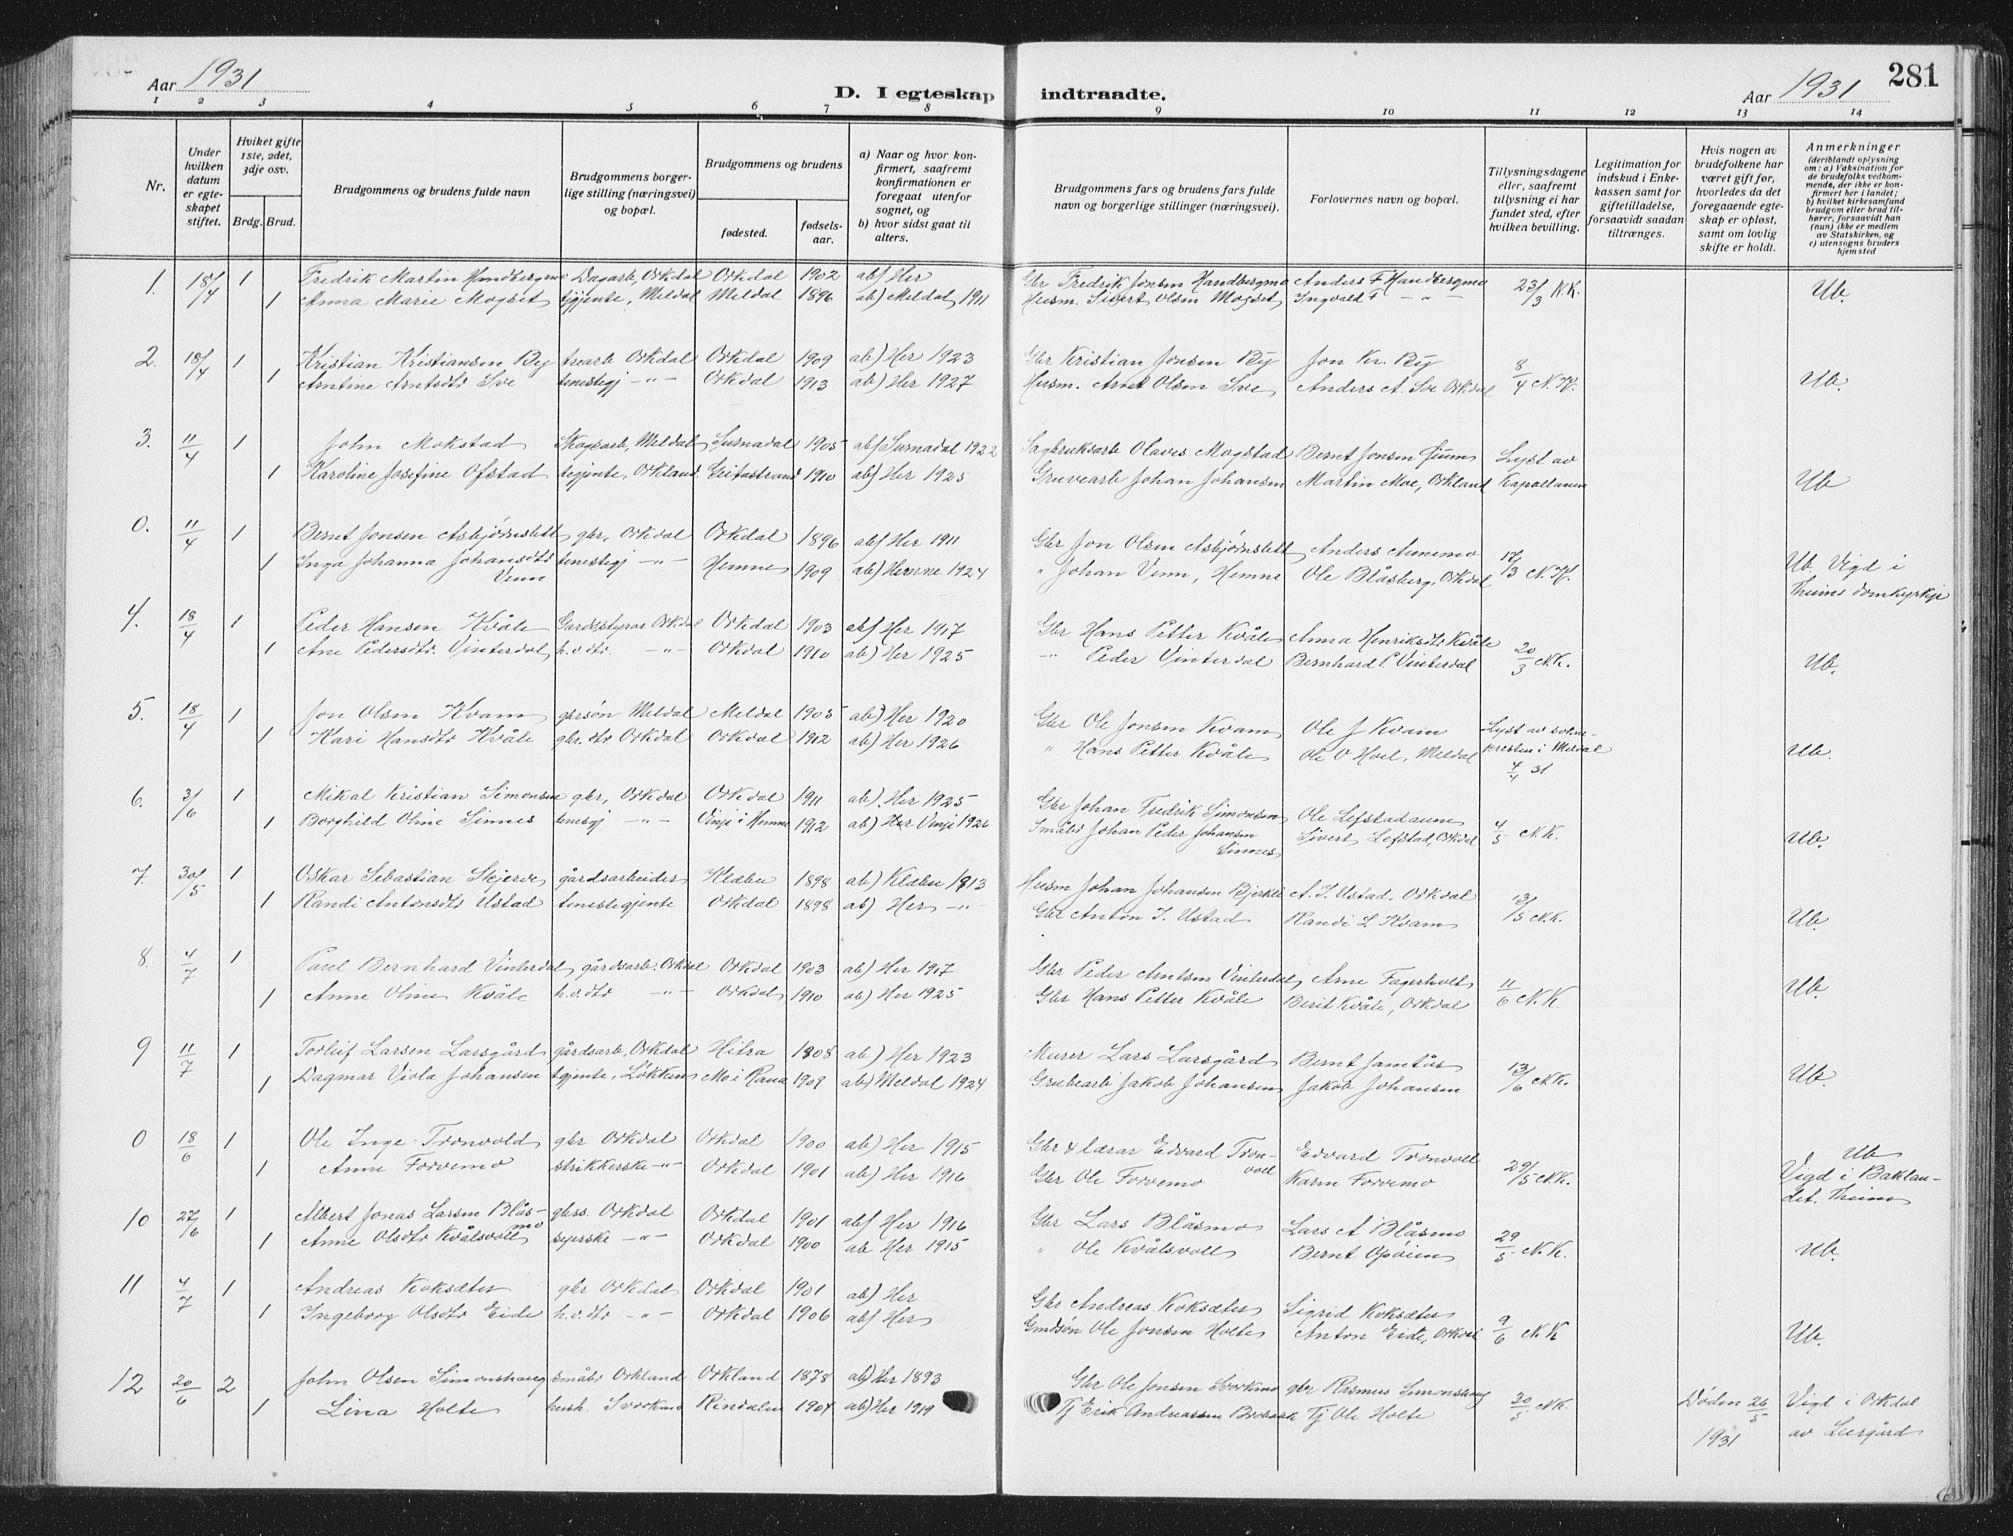 SAT, Ministerialprotokoller, klokkerbøker og fødselsregistre - Sør-Trøndelag, 668/L0820: Klokkerbok nr. 668C09, 1912-1936, s. 281